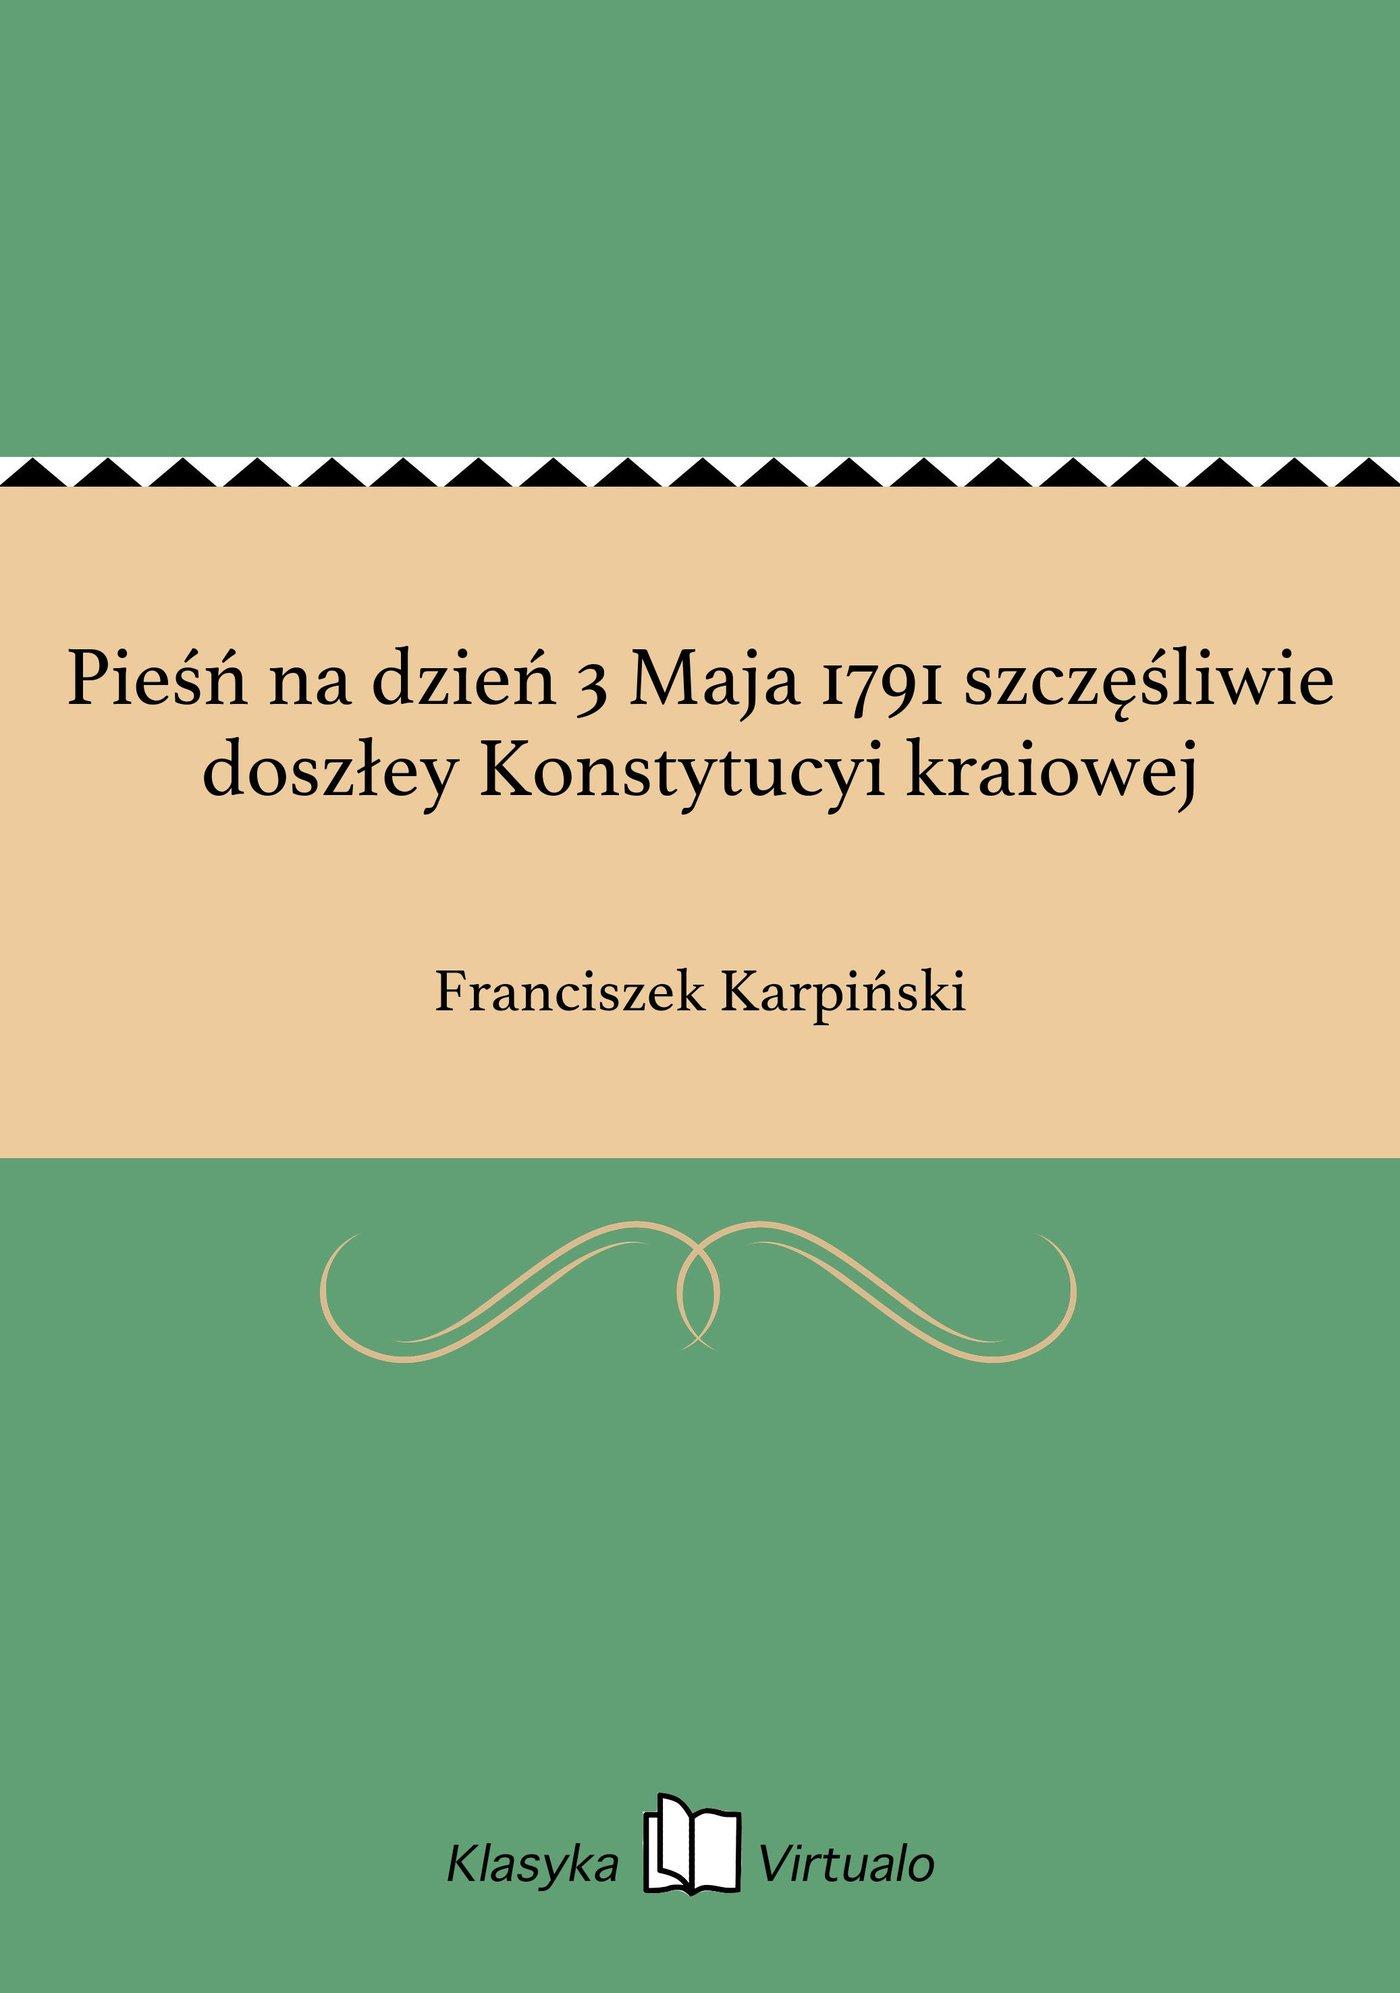 Pieśń na dzień 3 Maja 1791 szczęśliwie doszłey Konstytucyi kraiowej - Ebook (Książka EPUB) do pobrania w formacie EPUB